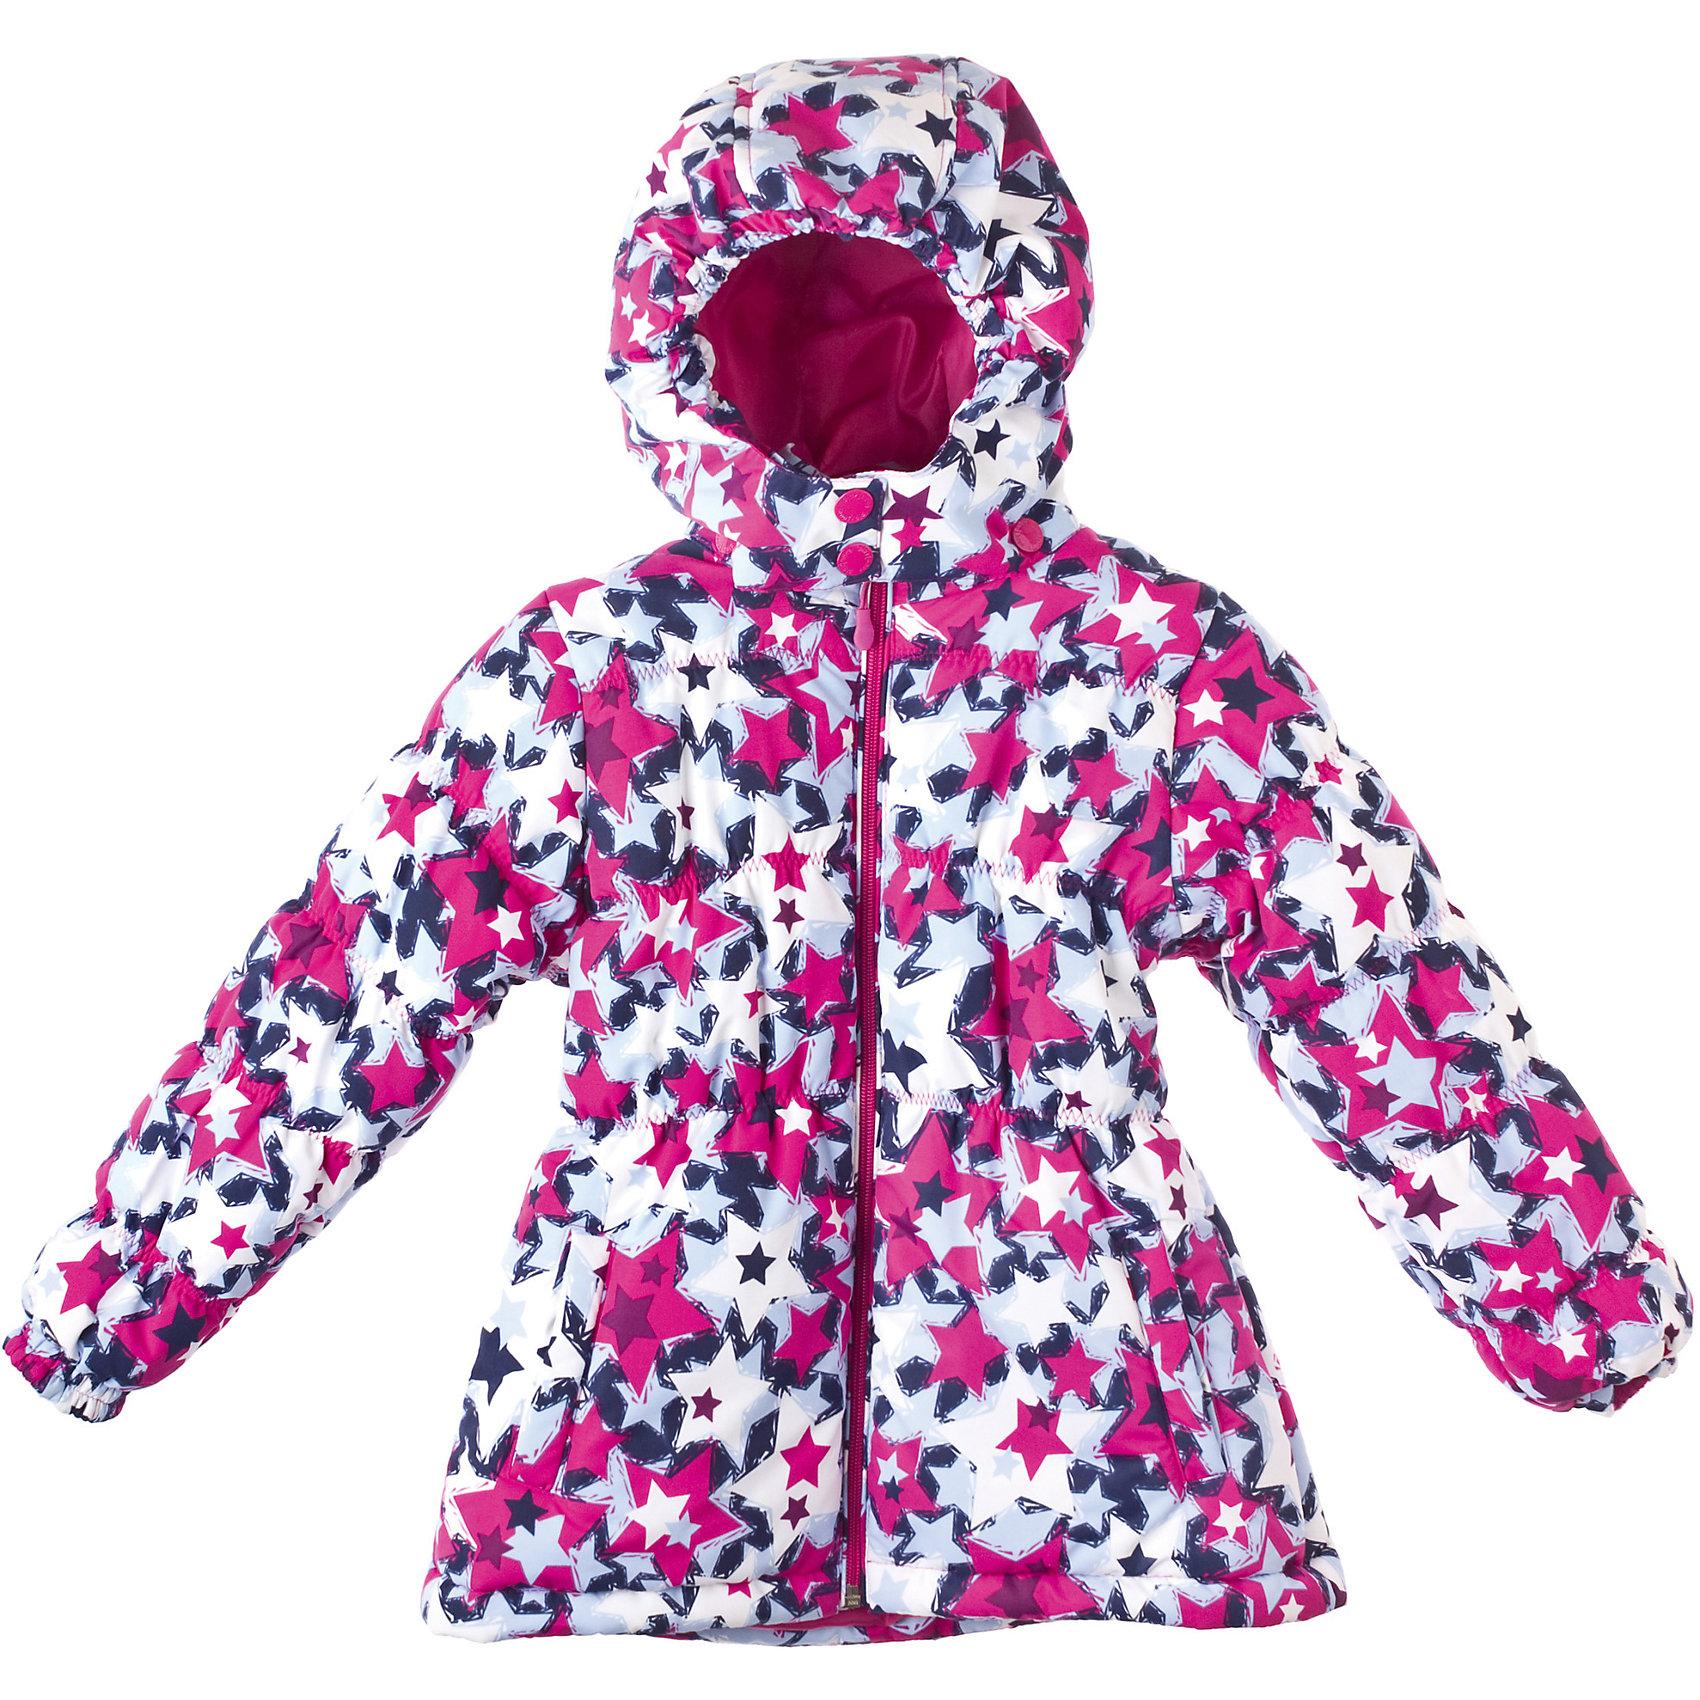 Куртка для девочки PlayTodayКуртка для девочки PlayToday Яркая приталенная куртка на молнии с капюшоном. Очень теплая, внизу втягивается стопперами. Есть два кармана, капюшон отстегивается. Состав: Верх: 100% полиэстер, Подкладка: 100% полиэстер, Наполнитель: 100% полиэстер<br><br>Ширина мм: 356<br>Глубина мм: 10<br>Высота мм: 245<br>Вес г: 519<br>Цвет: синий<br>Возраст от месяцев: 36<br>Возраст до месяцев: 48<br>Пол: Женский<br>Возраст: Детский<br>Размер: 104,98,116,128,122,110<br>SKU: 4227973